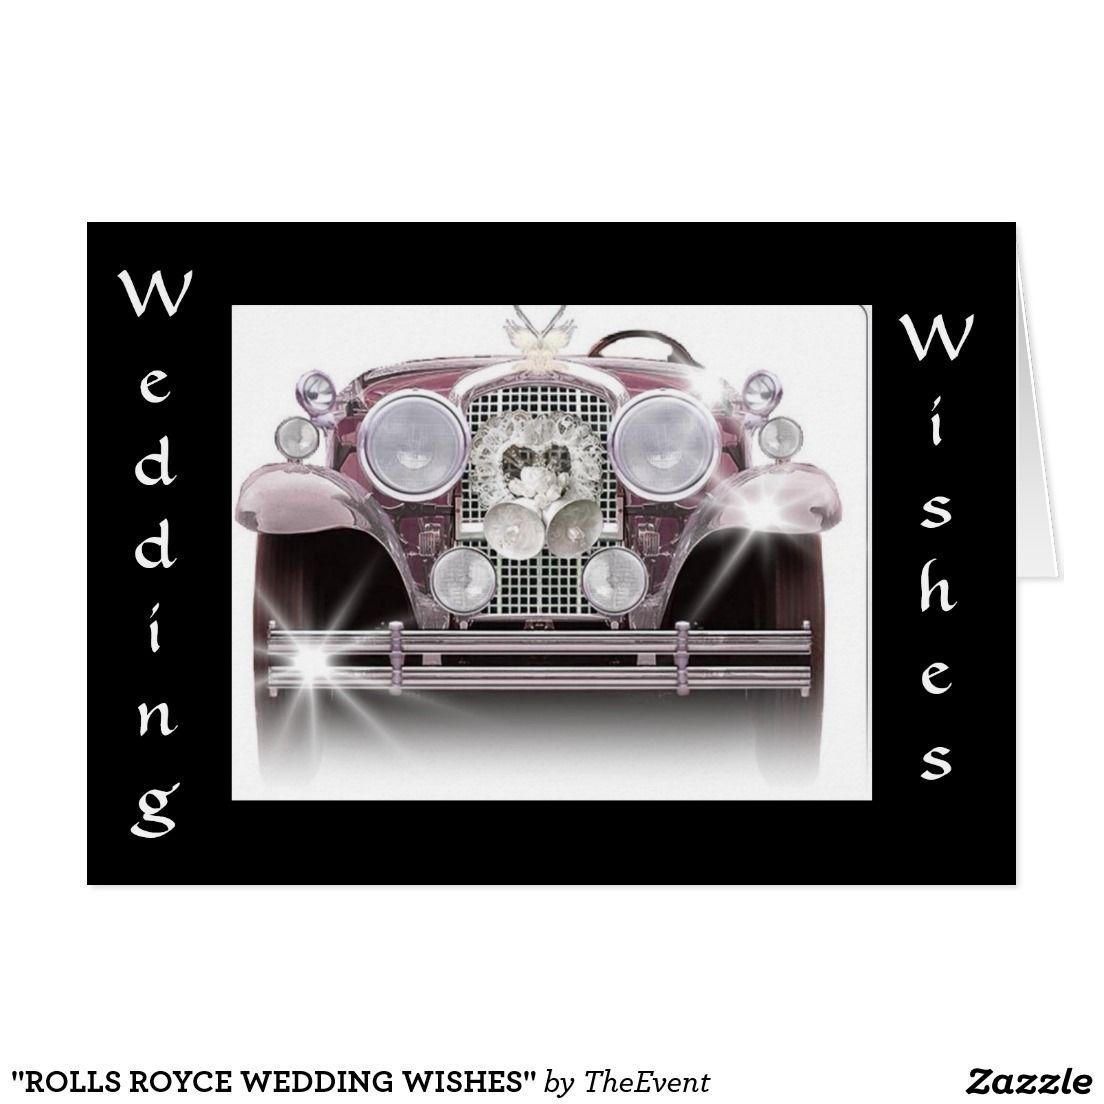 Rolls Royce Wedding Wishes Card Wedding Wishes Wedding And Rolls